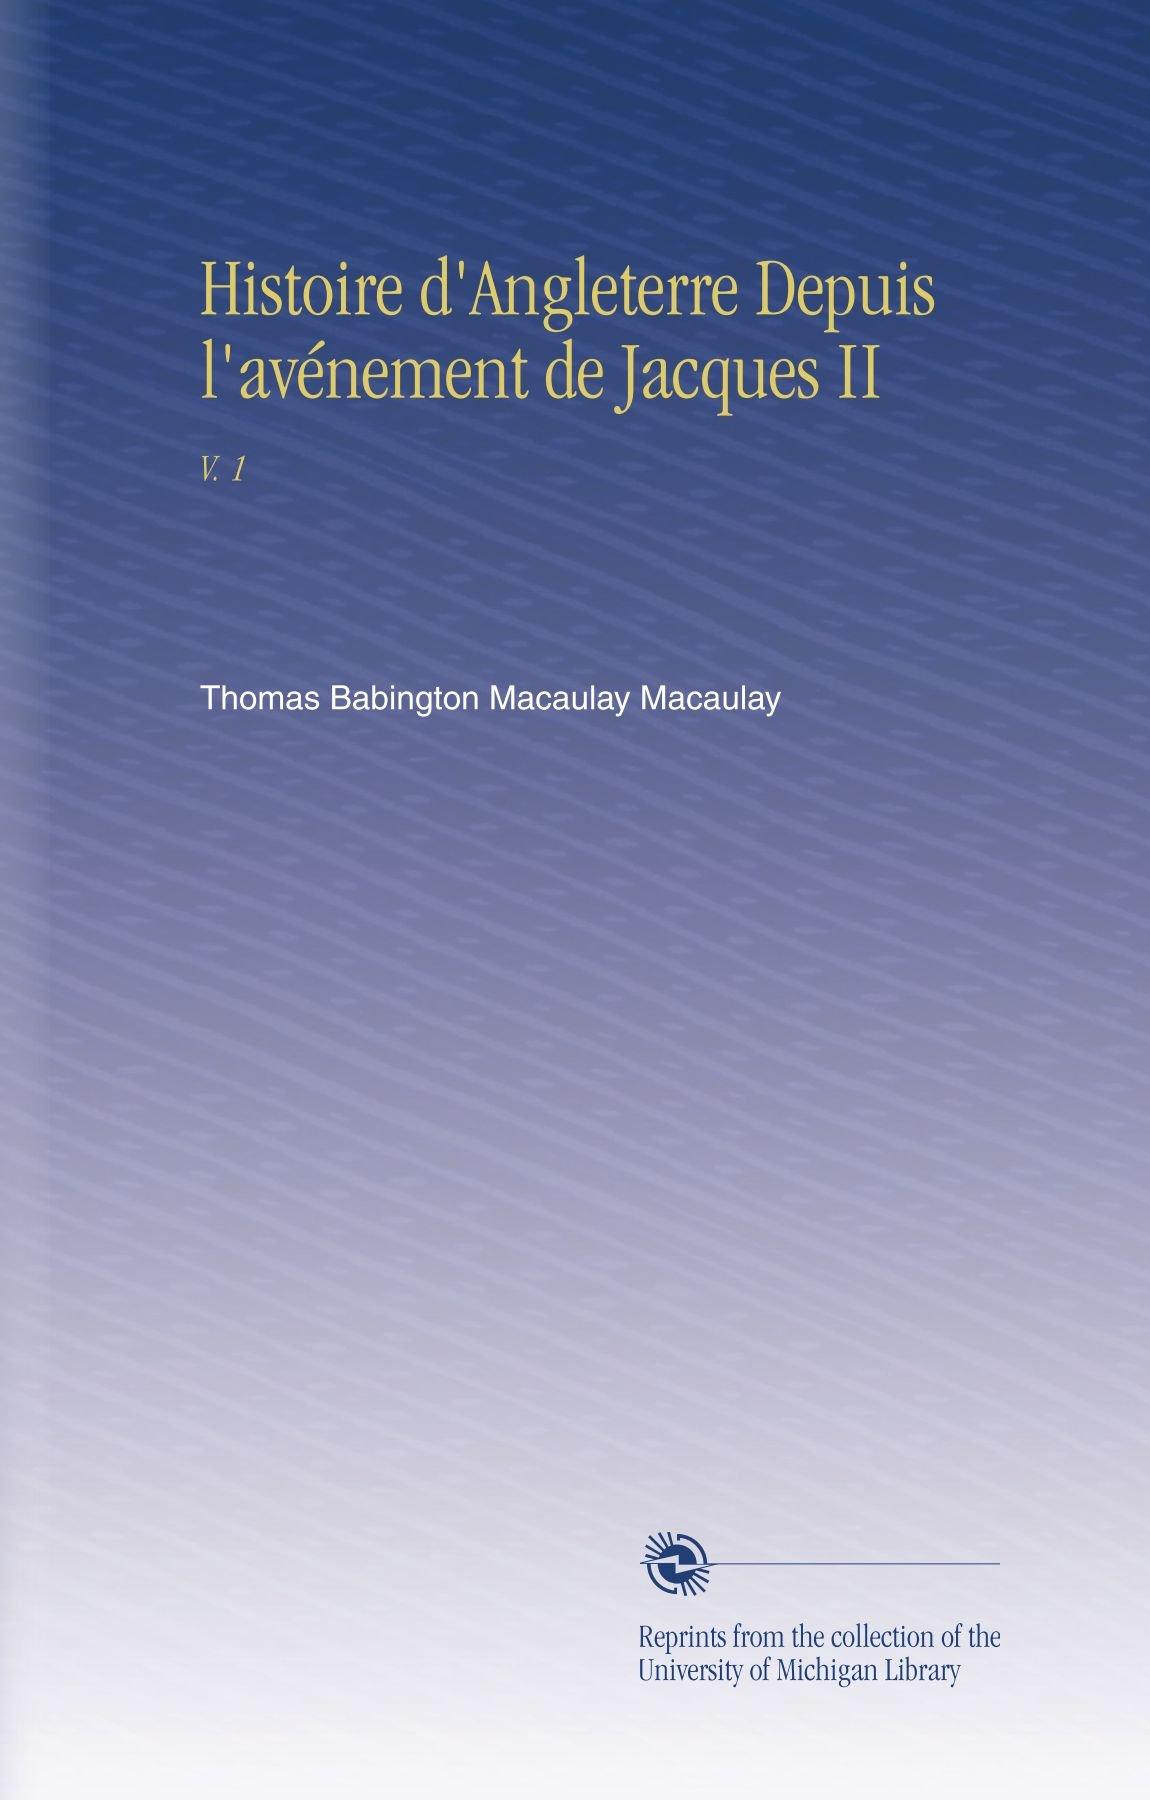 Histoire d'Angleterre Depuis l'avénement de Jacques II: V. 1 (French Edition) ebook